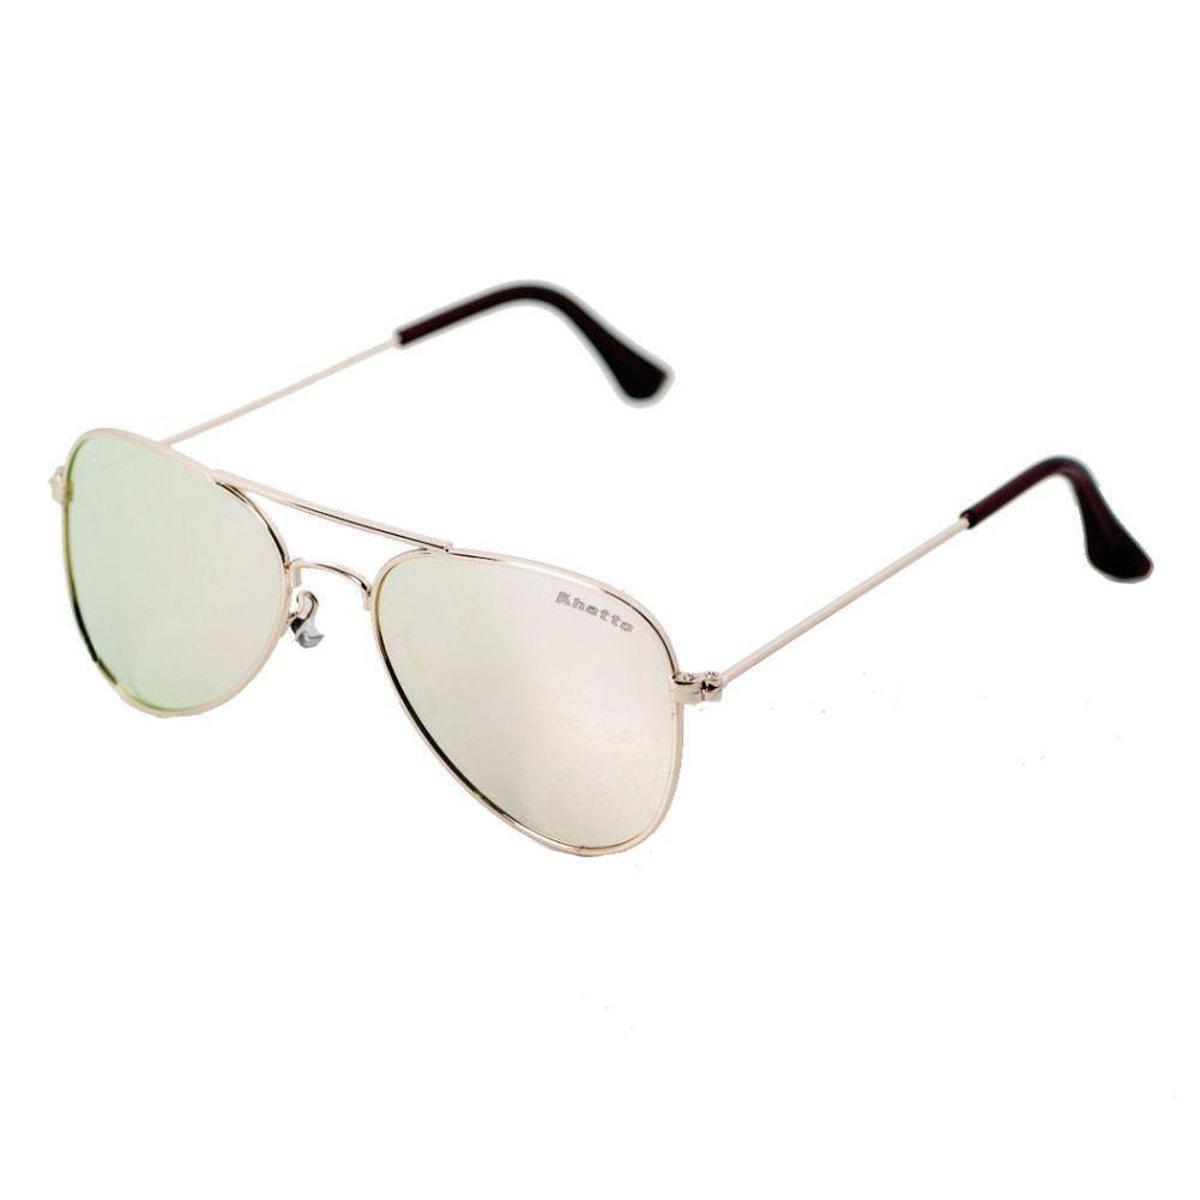 0fe44ed685007 Óculos de Sol Khatto Infantil Aviador Station Feminino - Rosa e ...